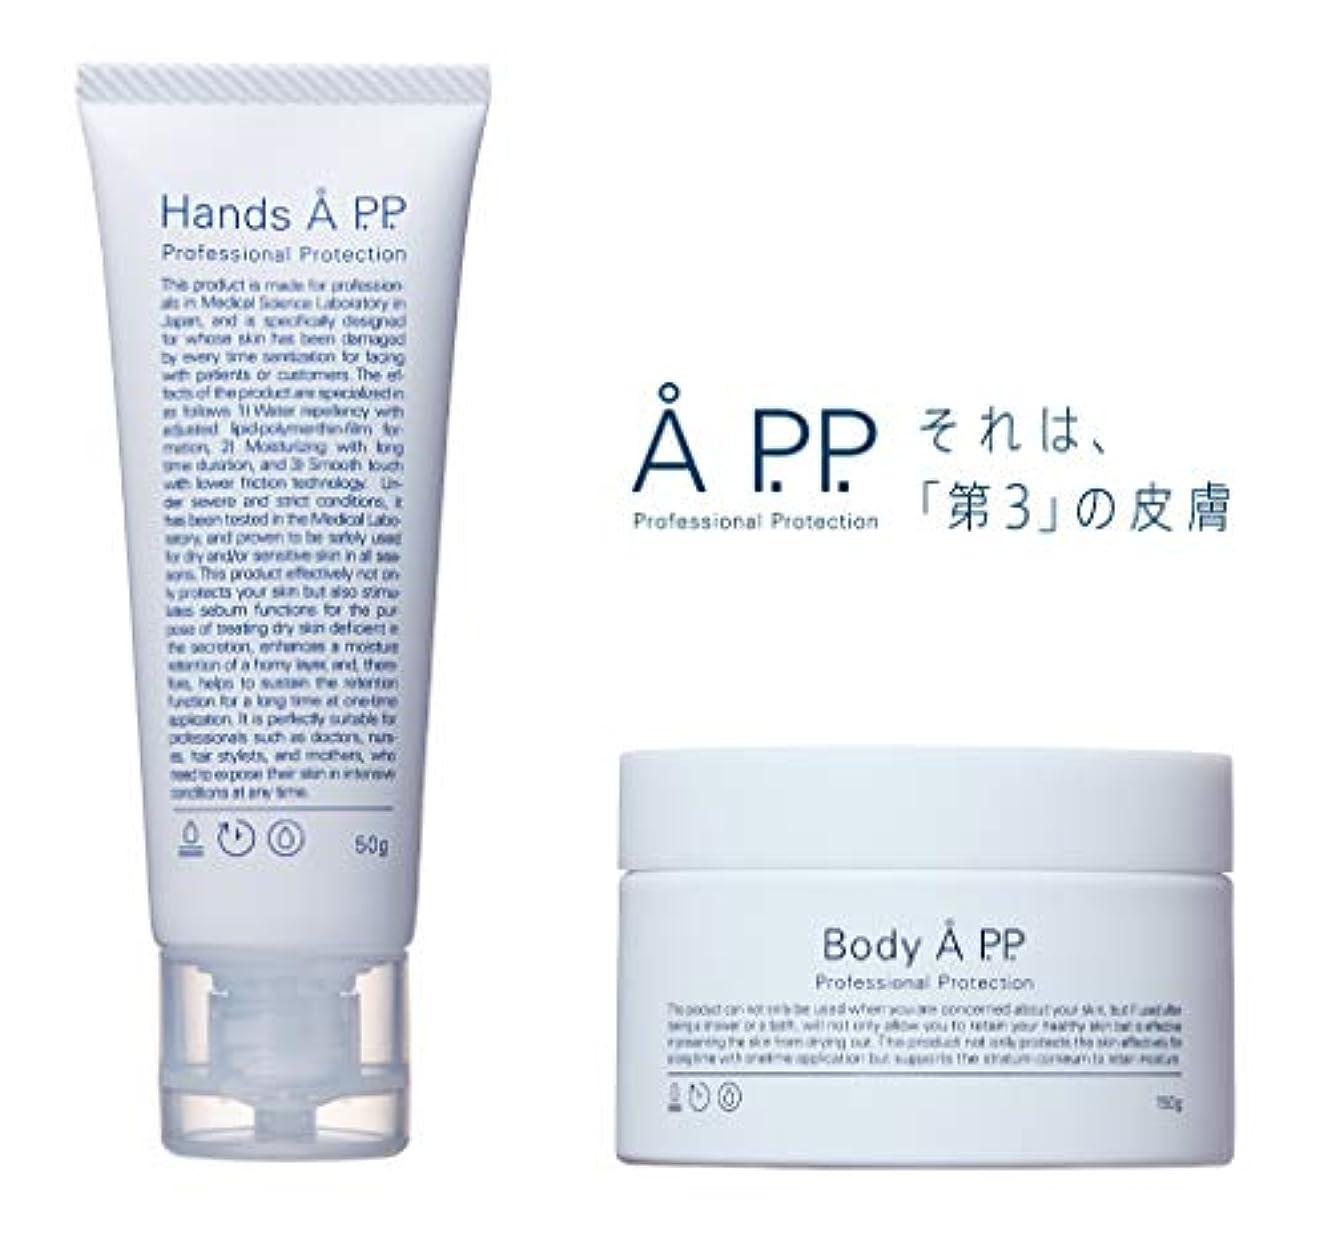 キャンペーン立派なマスクA P.P. プロフェッショナルプロテクション 高機能 ハンドクリーム ボディクリーム セット ボディークリーム 人気 ランキング 保湿 無香料